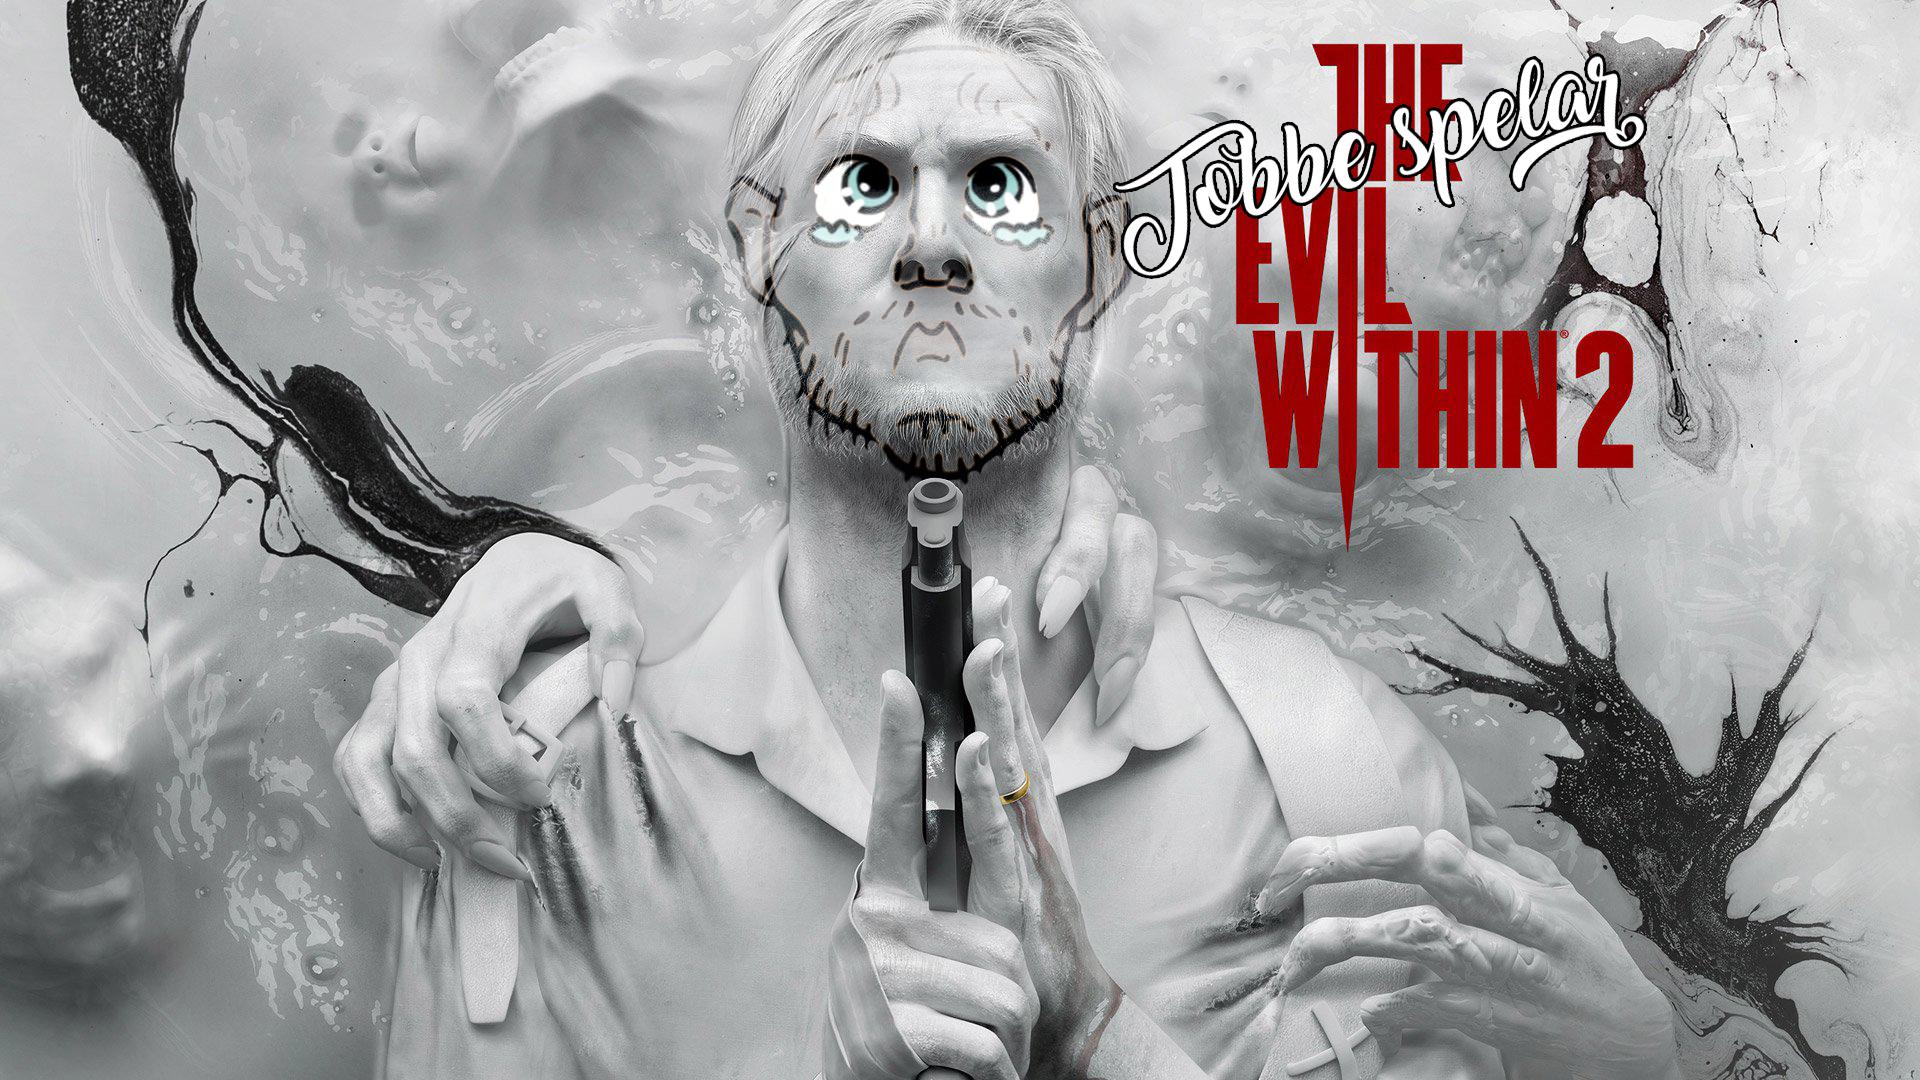 Tobbe spelar Evil Within 2